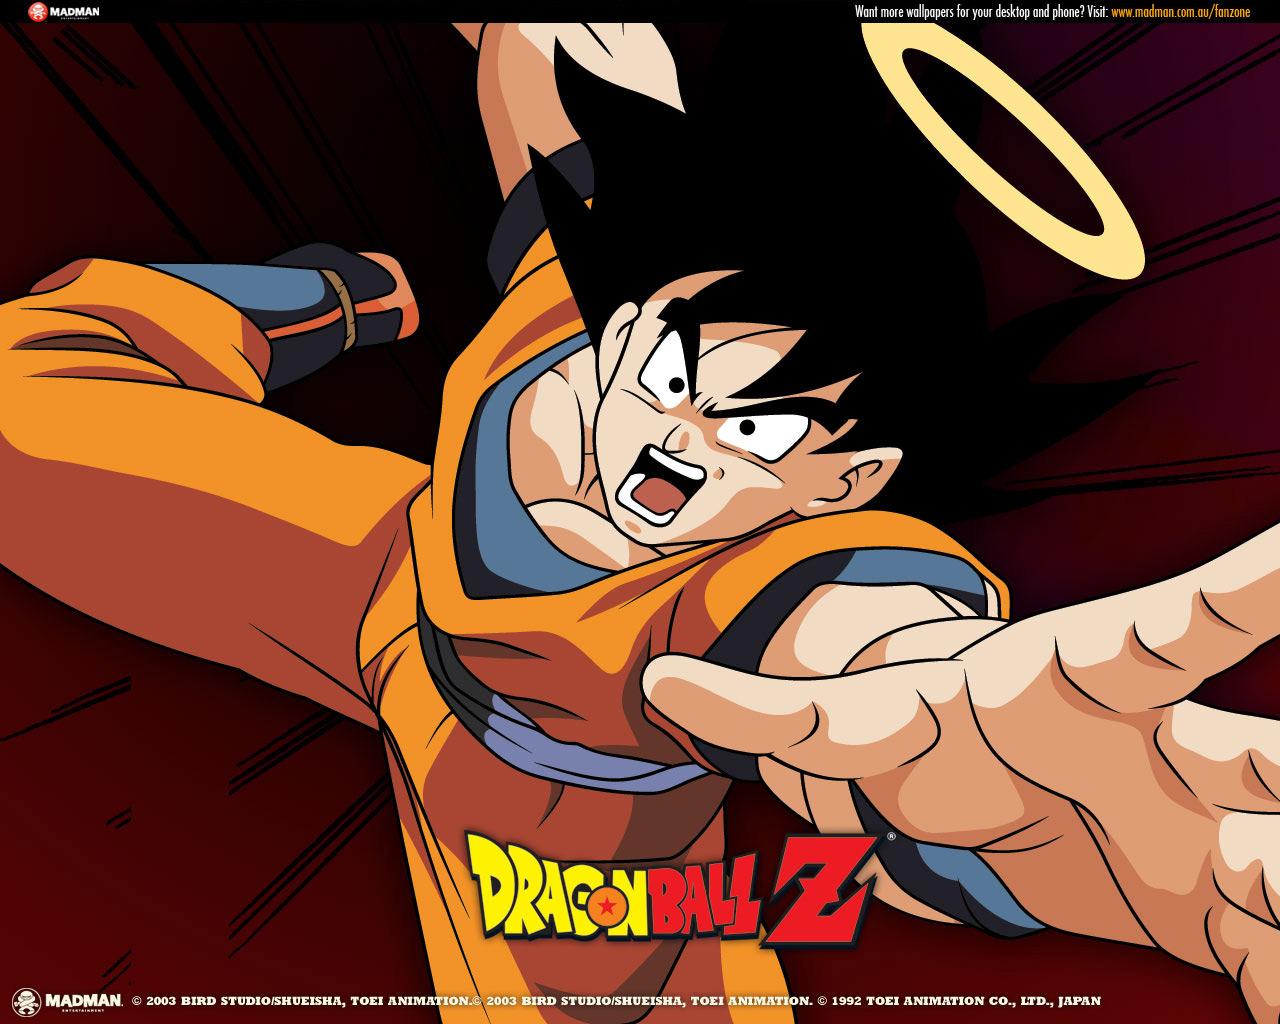 http://3.bp.blogspot.com/-ZCvX-HBGSdg/TtV4x0OQgLI/AAAAAAAACus/GYV9nDCB6YM/s1600/3583-anime_dragon_ball_z_wallpaper.jpg